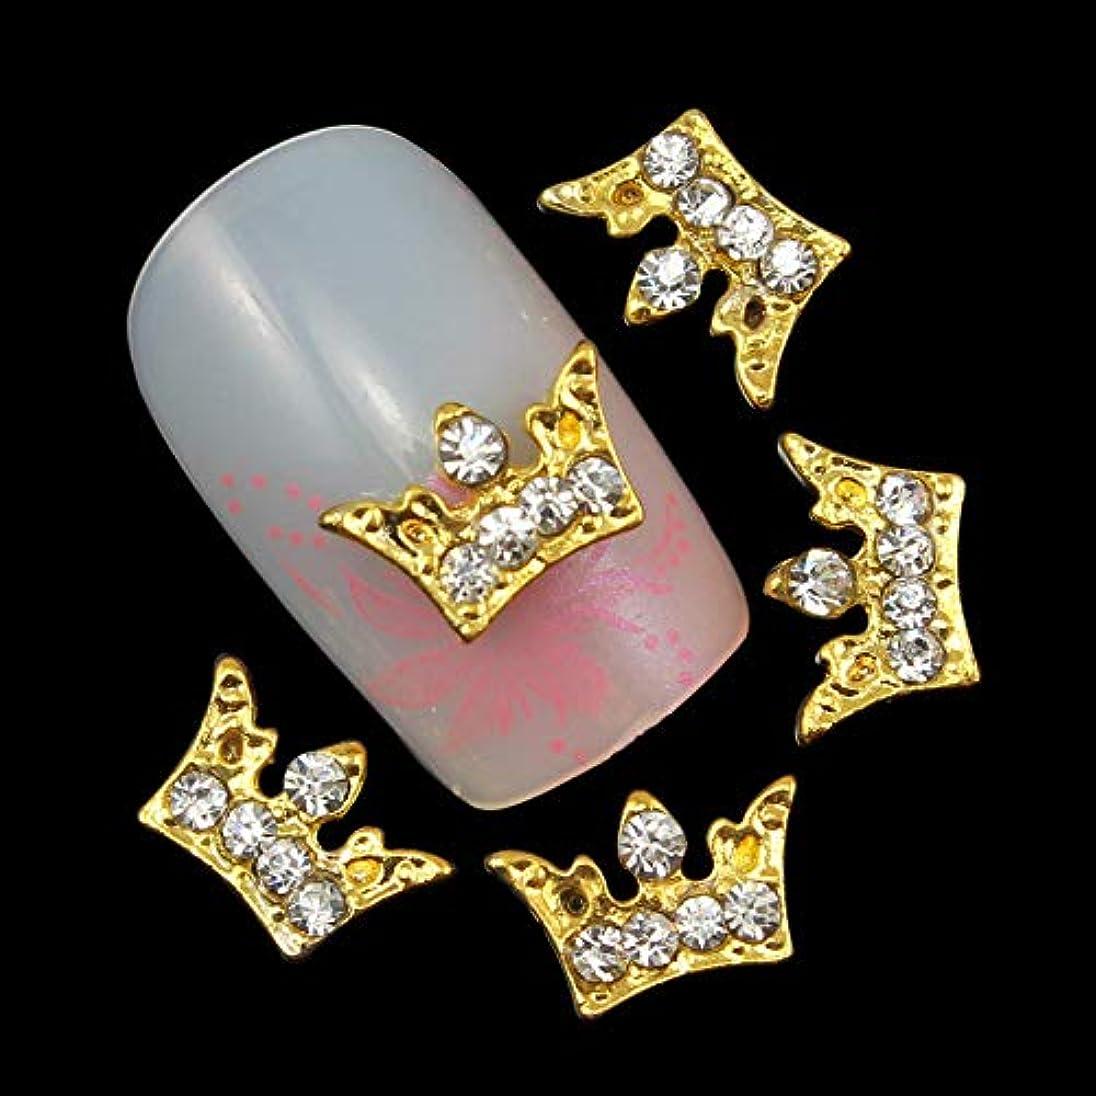 大混乱振動させる残基10個入り3Dグリッターゴールドクラウンデザインアロイネイルアートチャームラインストーン3Dネイルアートの装飾ジュエリー用品